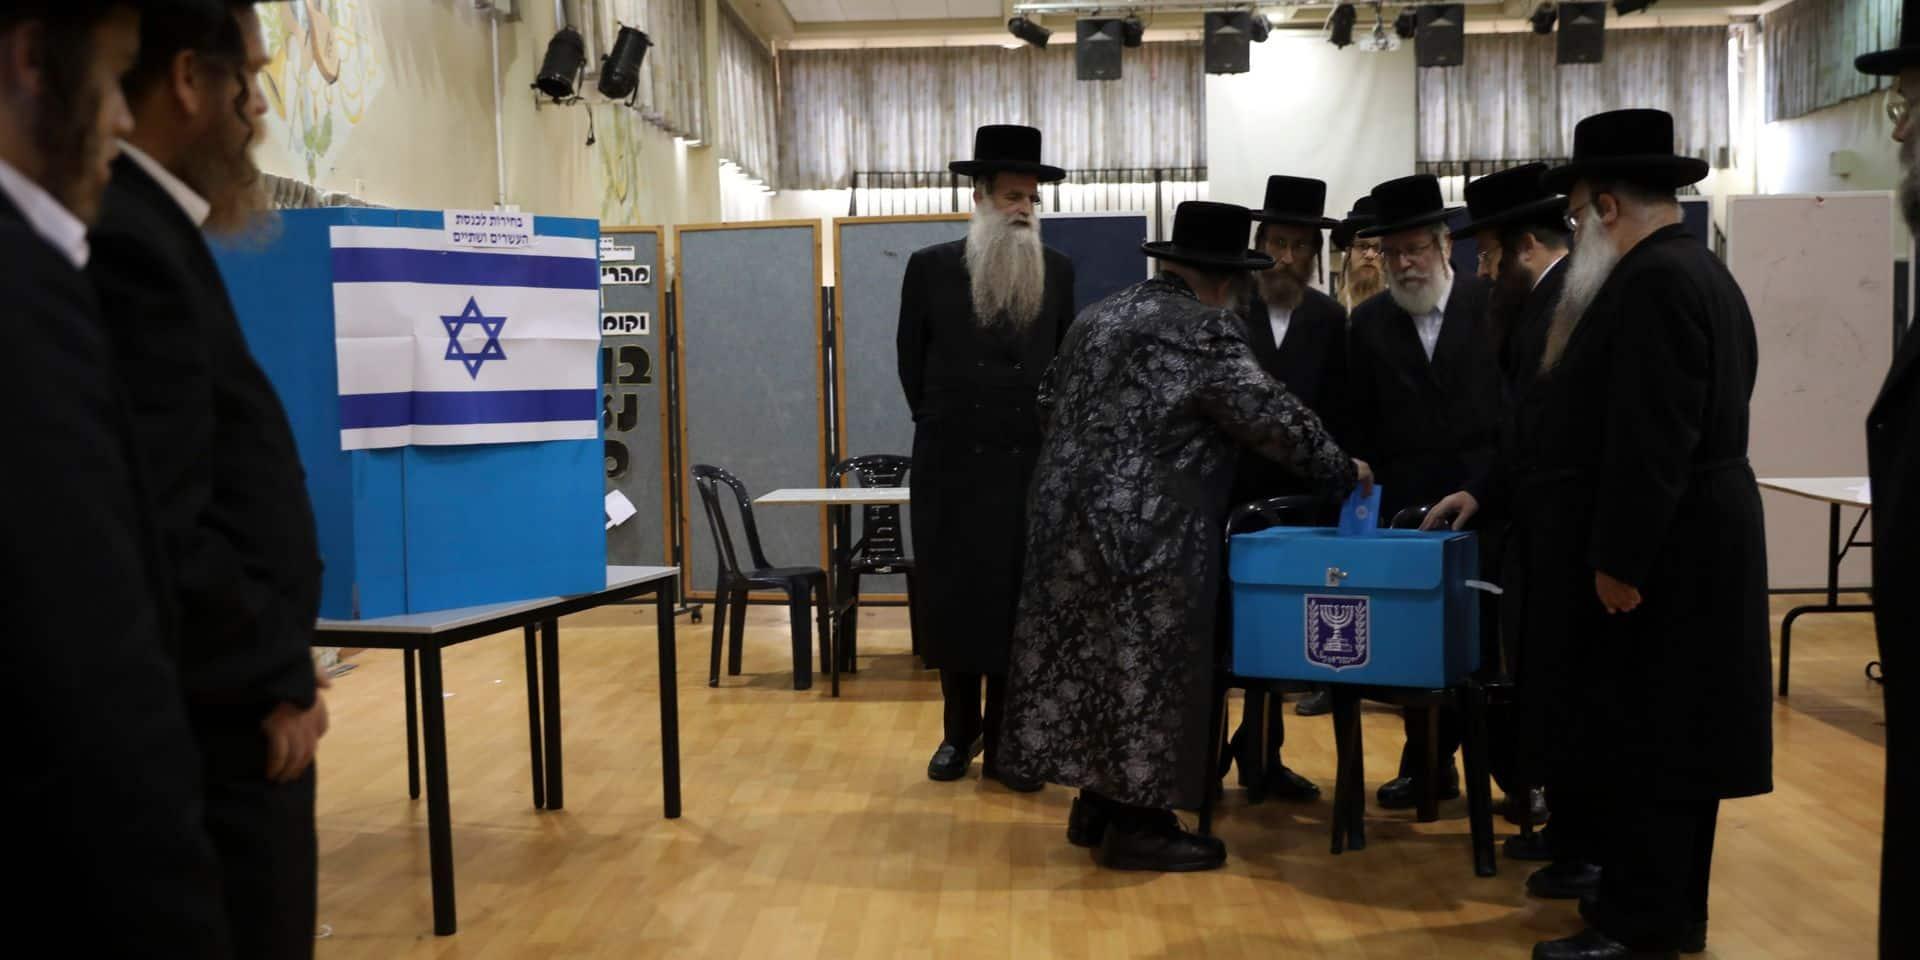 L'impasse politique est confirmée en Israël par les résultats quasi définitifs publiés ce vendredi